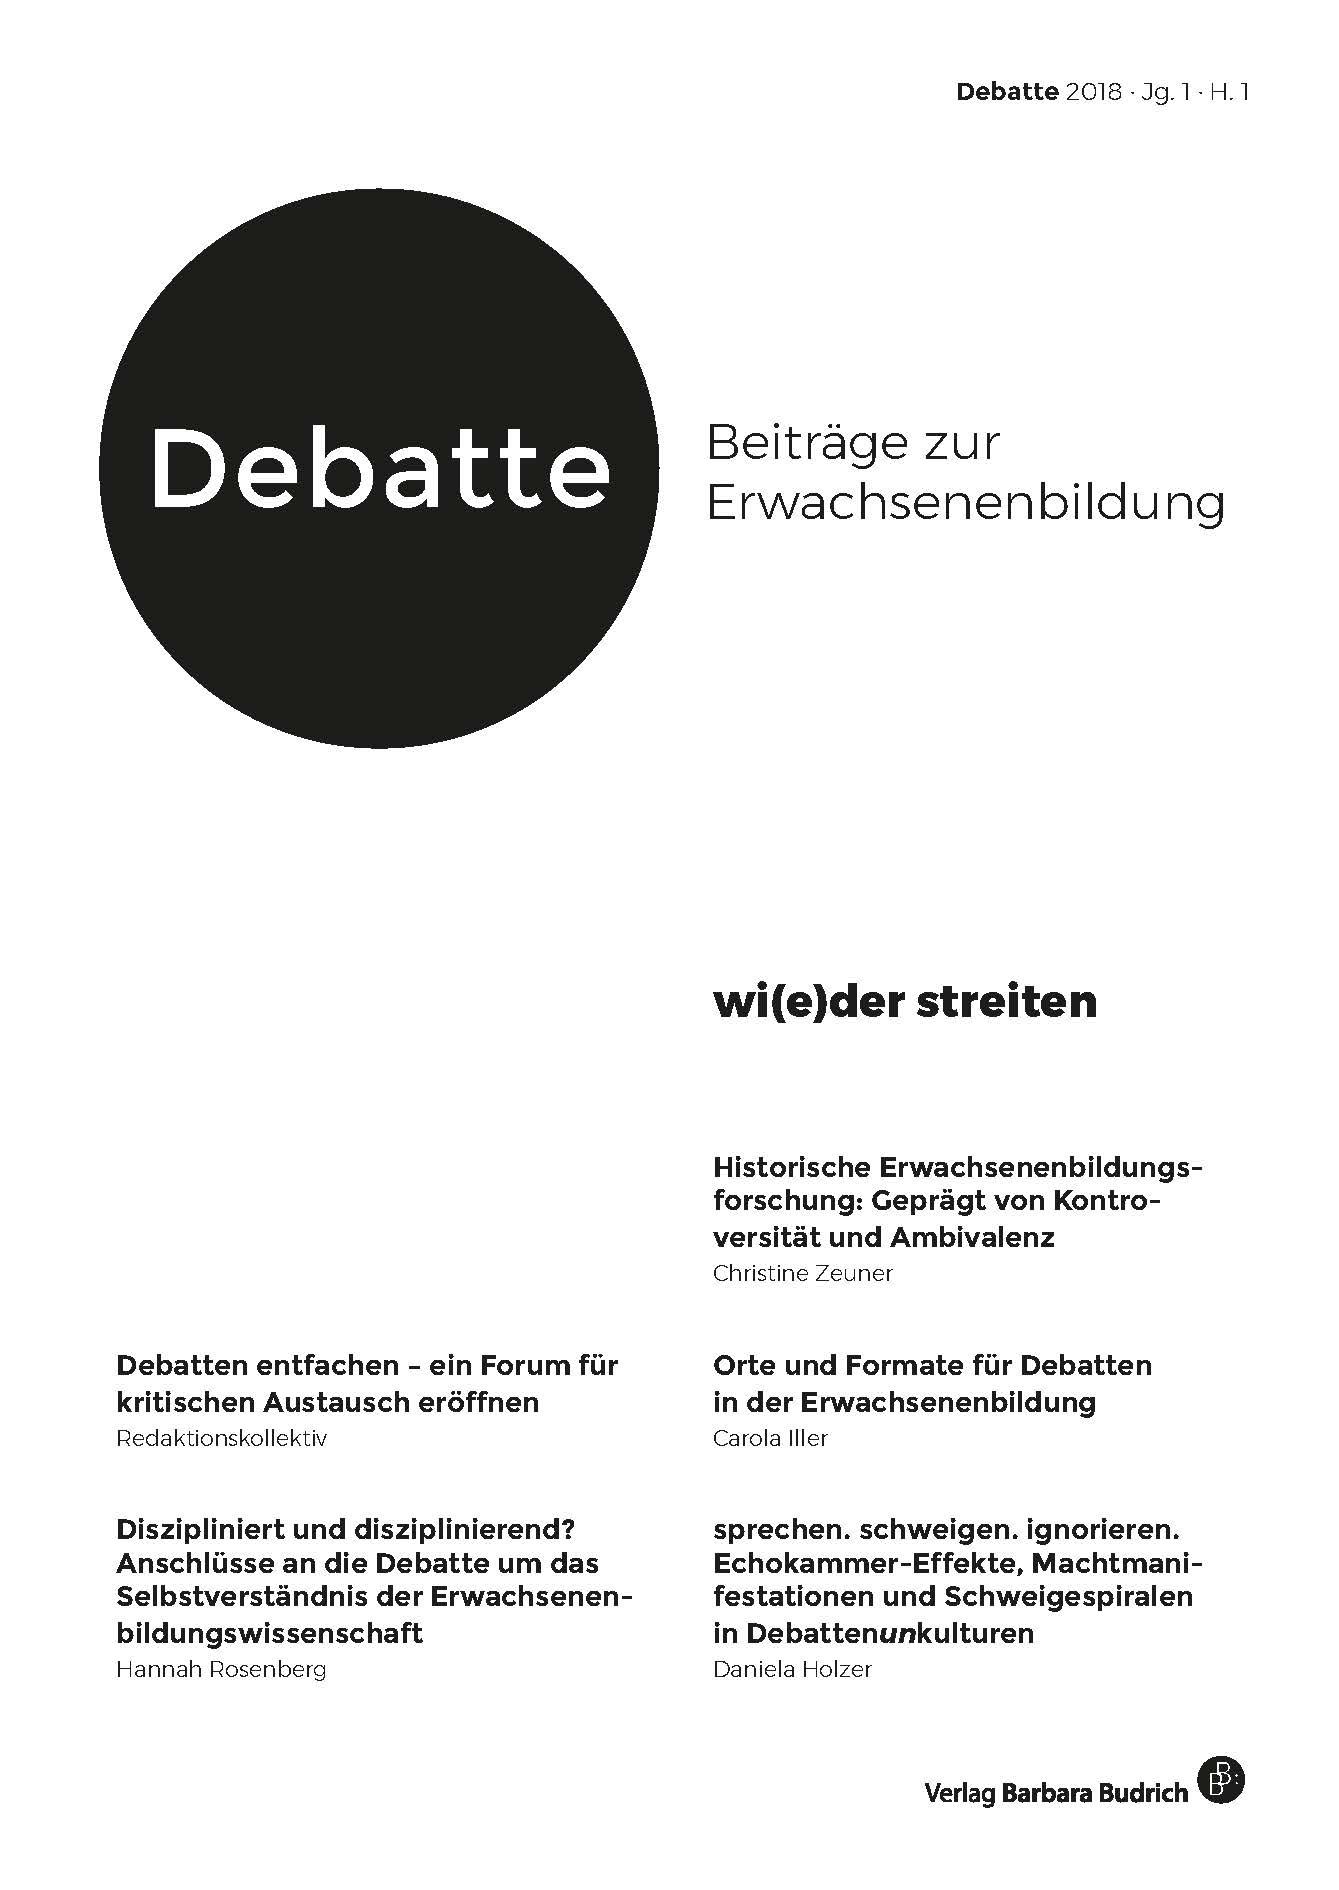 Debatte. Beiträge zur Erwachsenenbildung